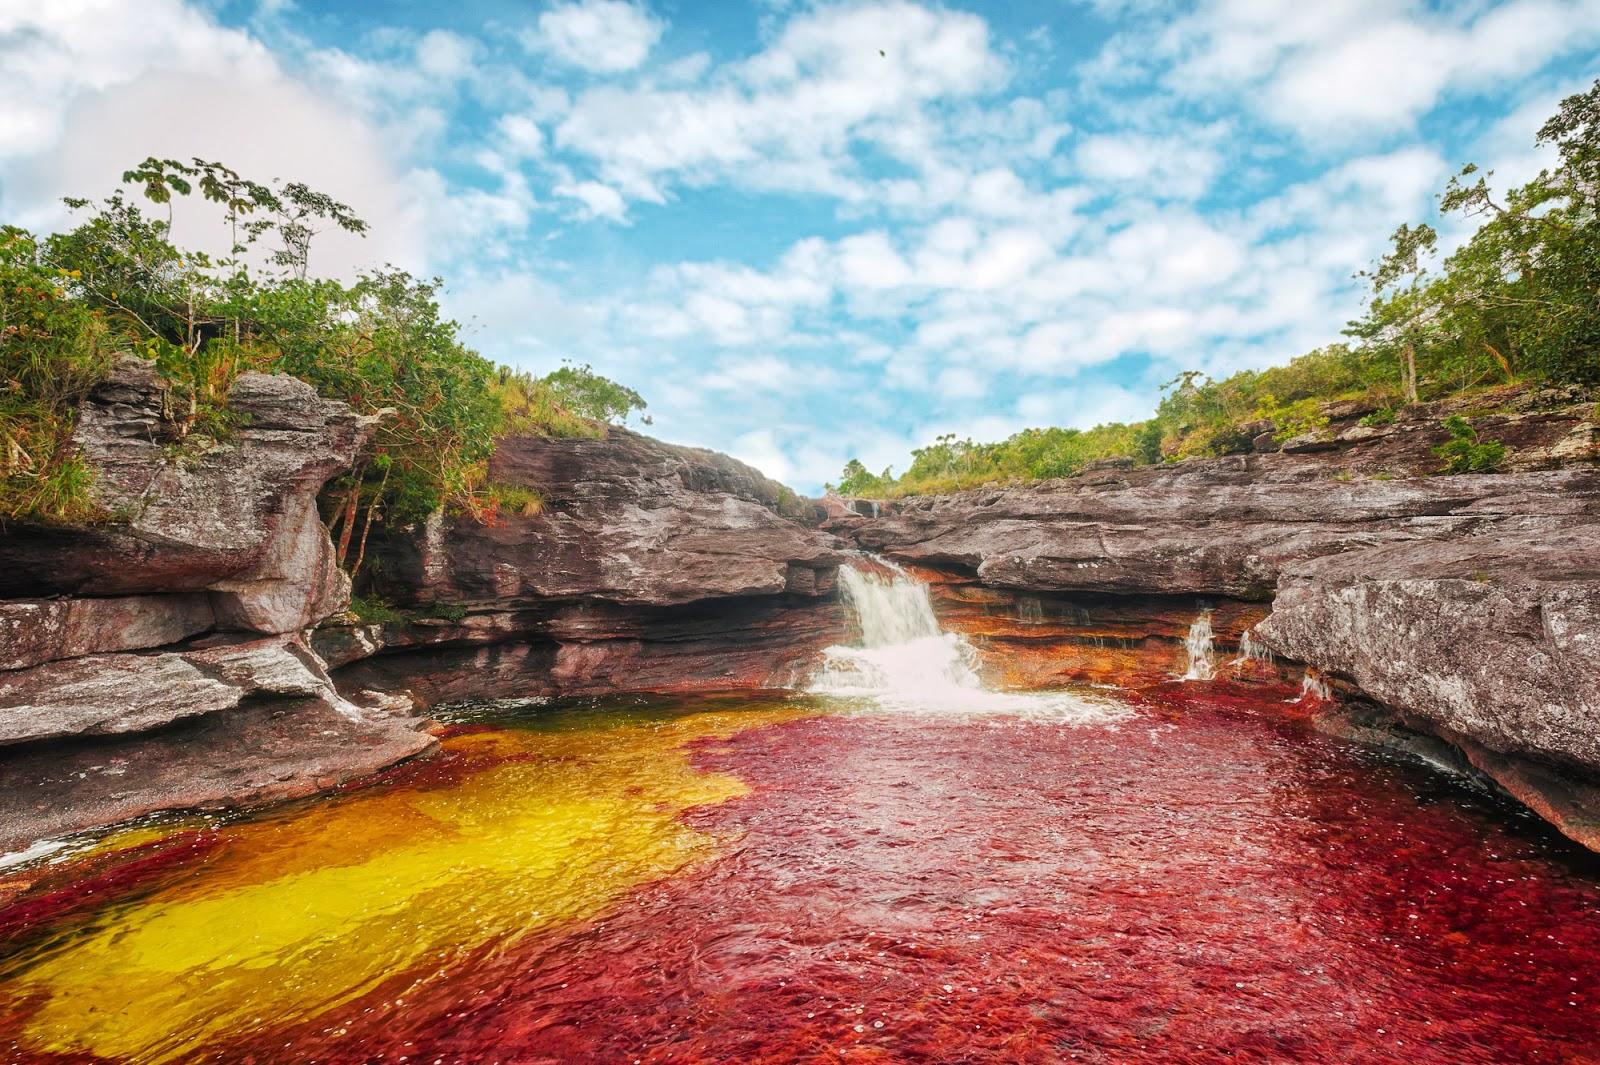 El Río Caño Cristales